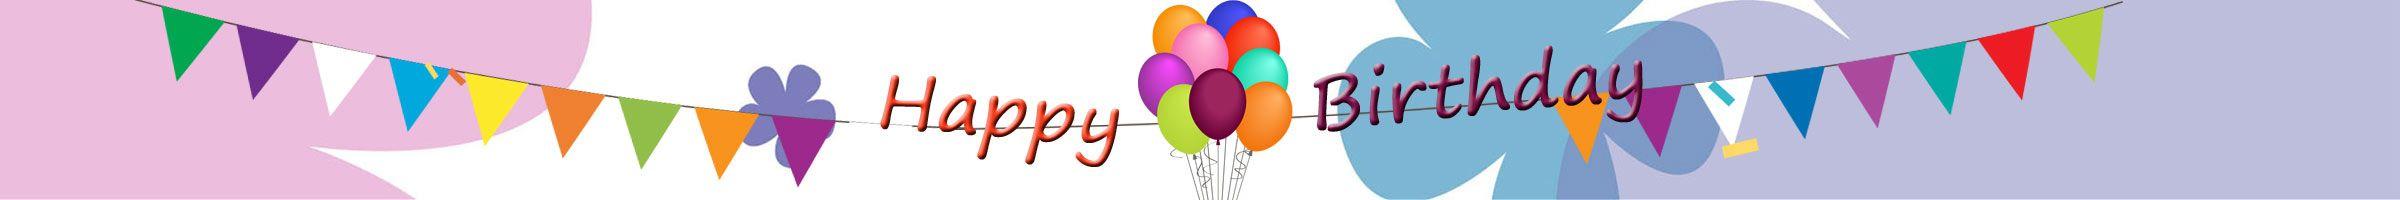 Alles Gute zum Geburtstag - Happy Birthday